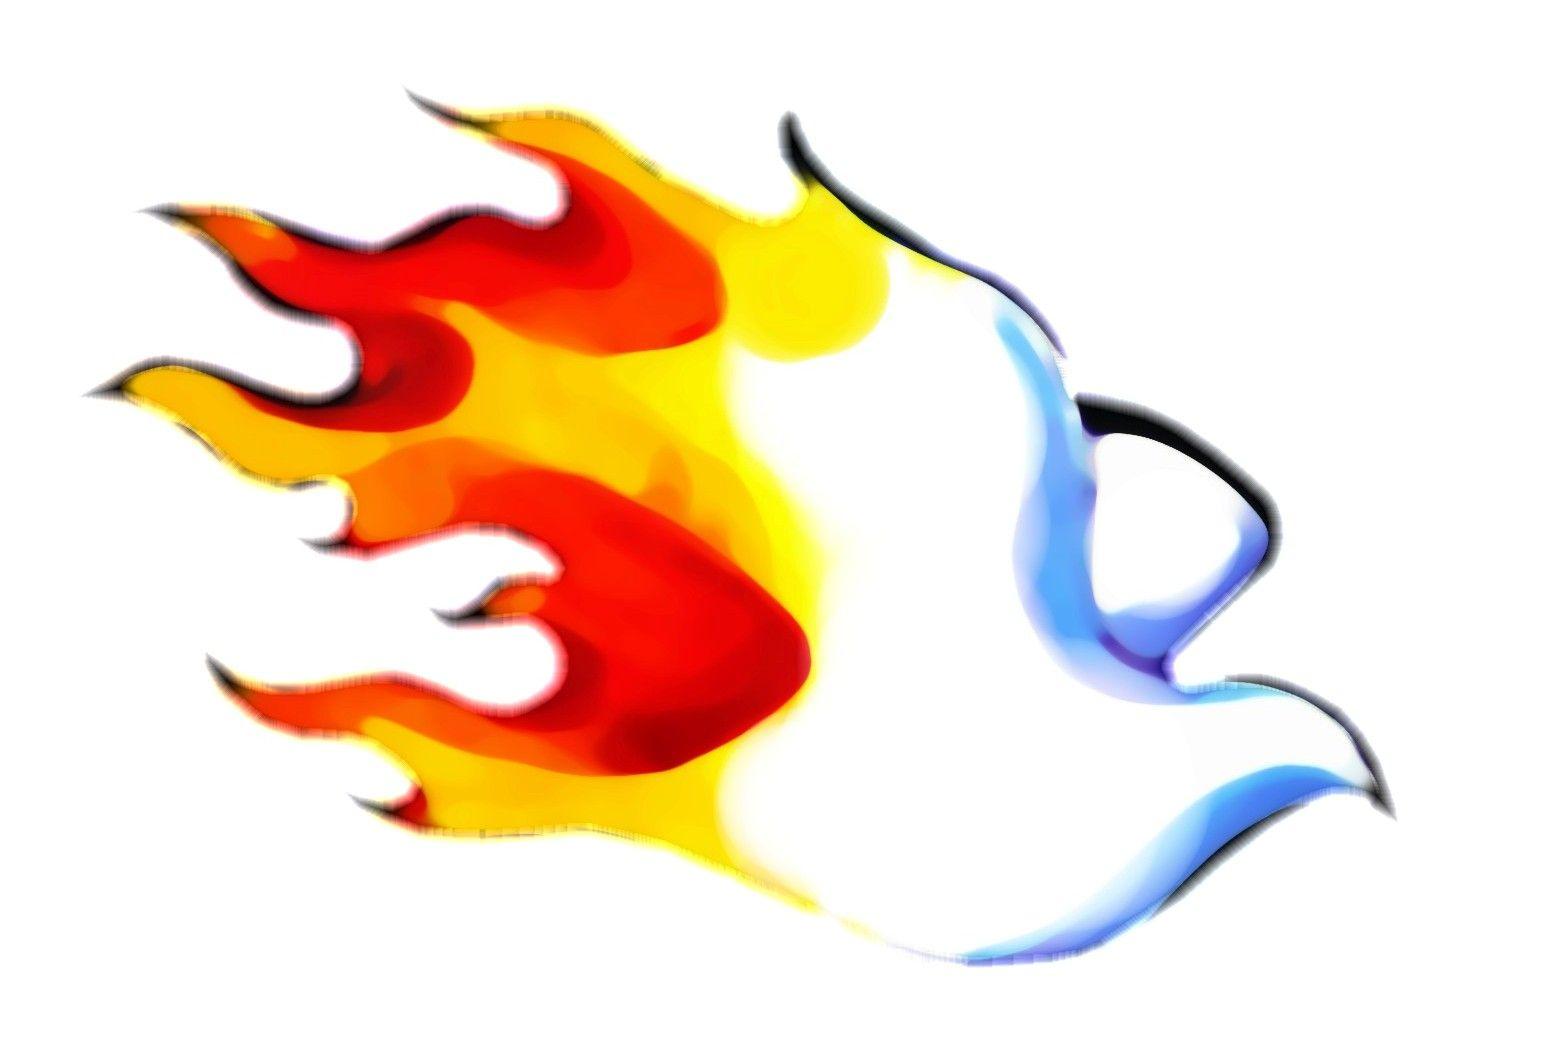 Flame clip art faith. Catholic clipart holy spirit